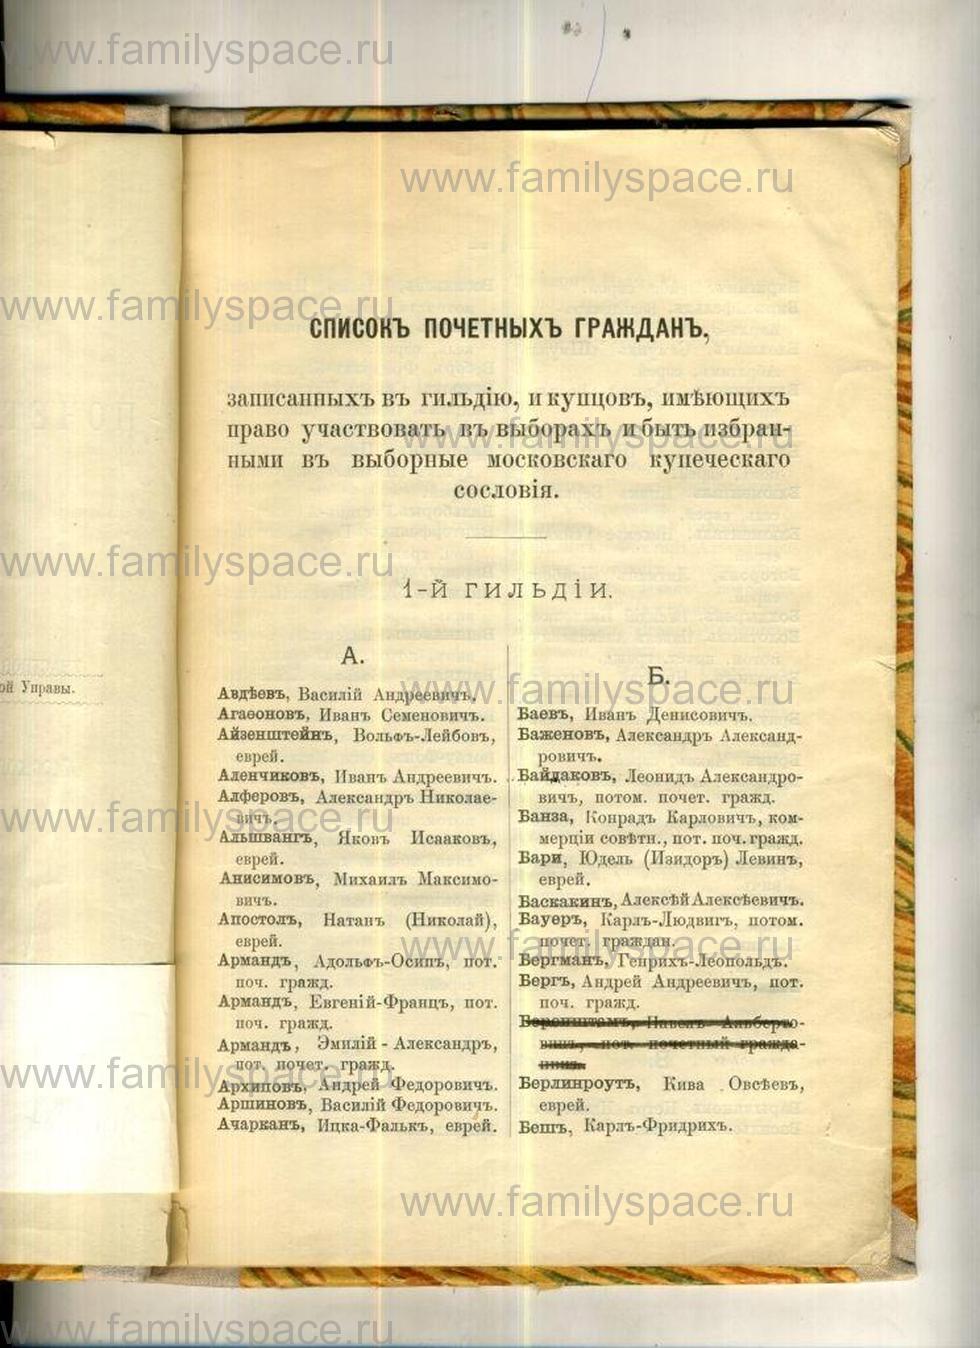 Поиск по фамилии - Список почётных граждан Москвы - 1897, страница 3